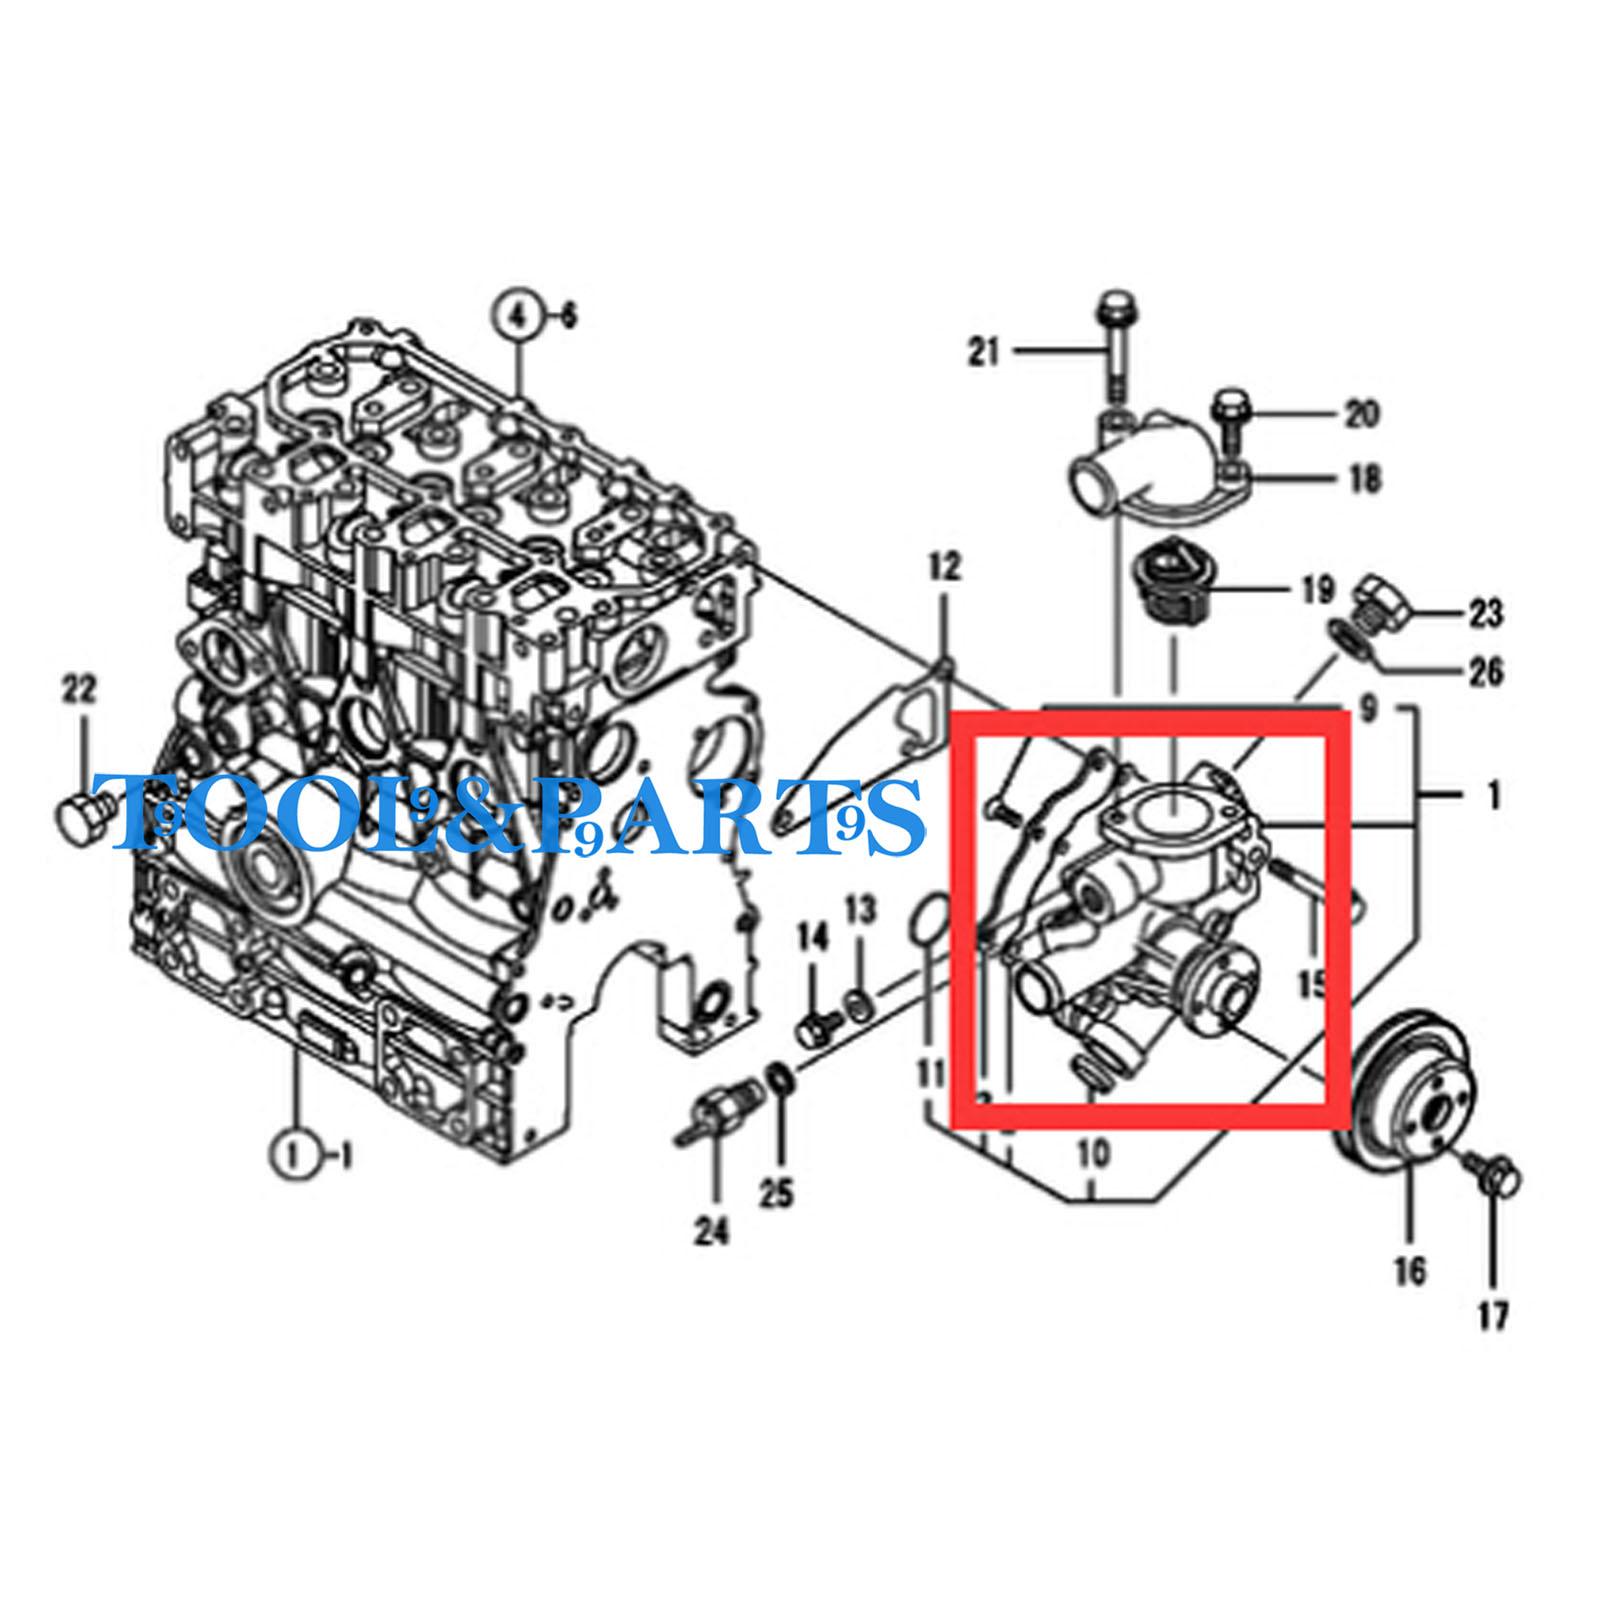 f041ab5383a86347 water pump for yanmar 3tnv 70 kbr 3tnv70 kbr engine blackrock apu